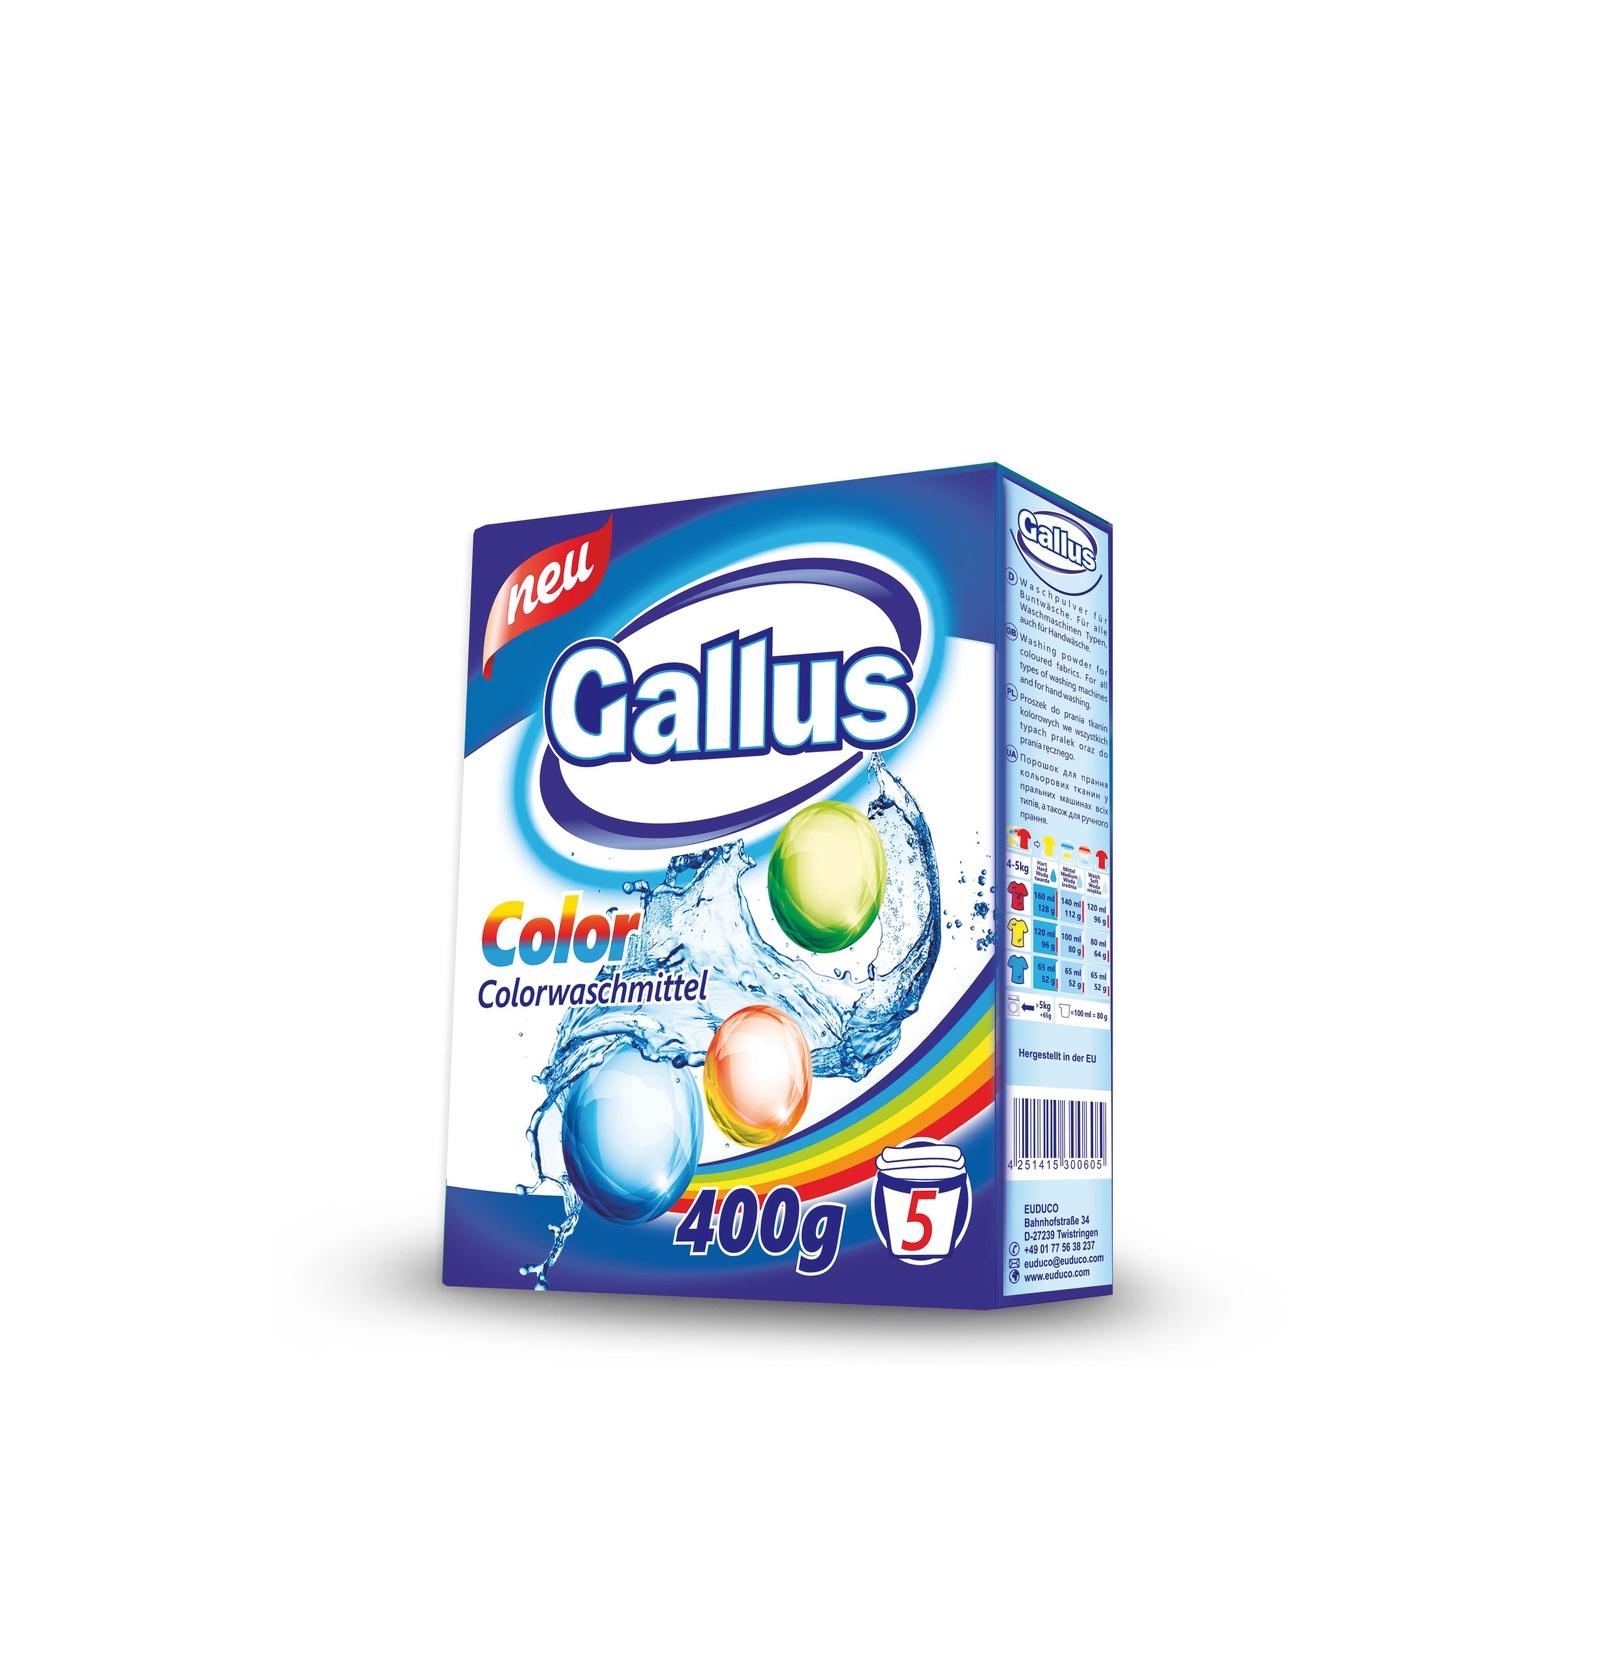 Стиральный порошок gallus для цветных вещей, 4251415300780, 0,4 стиральный порошок cadi концентрат для цветных вещей 3